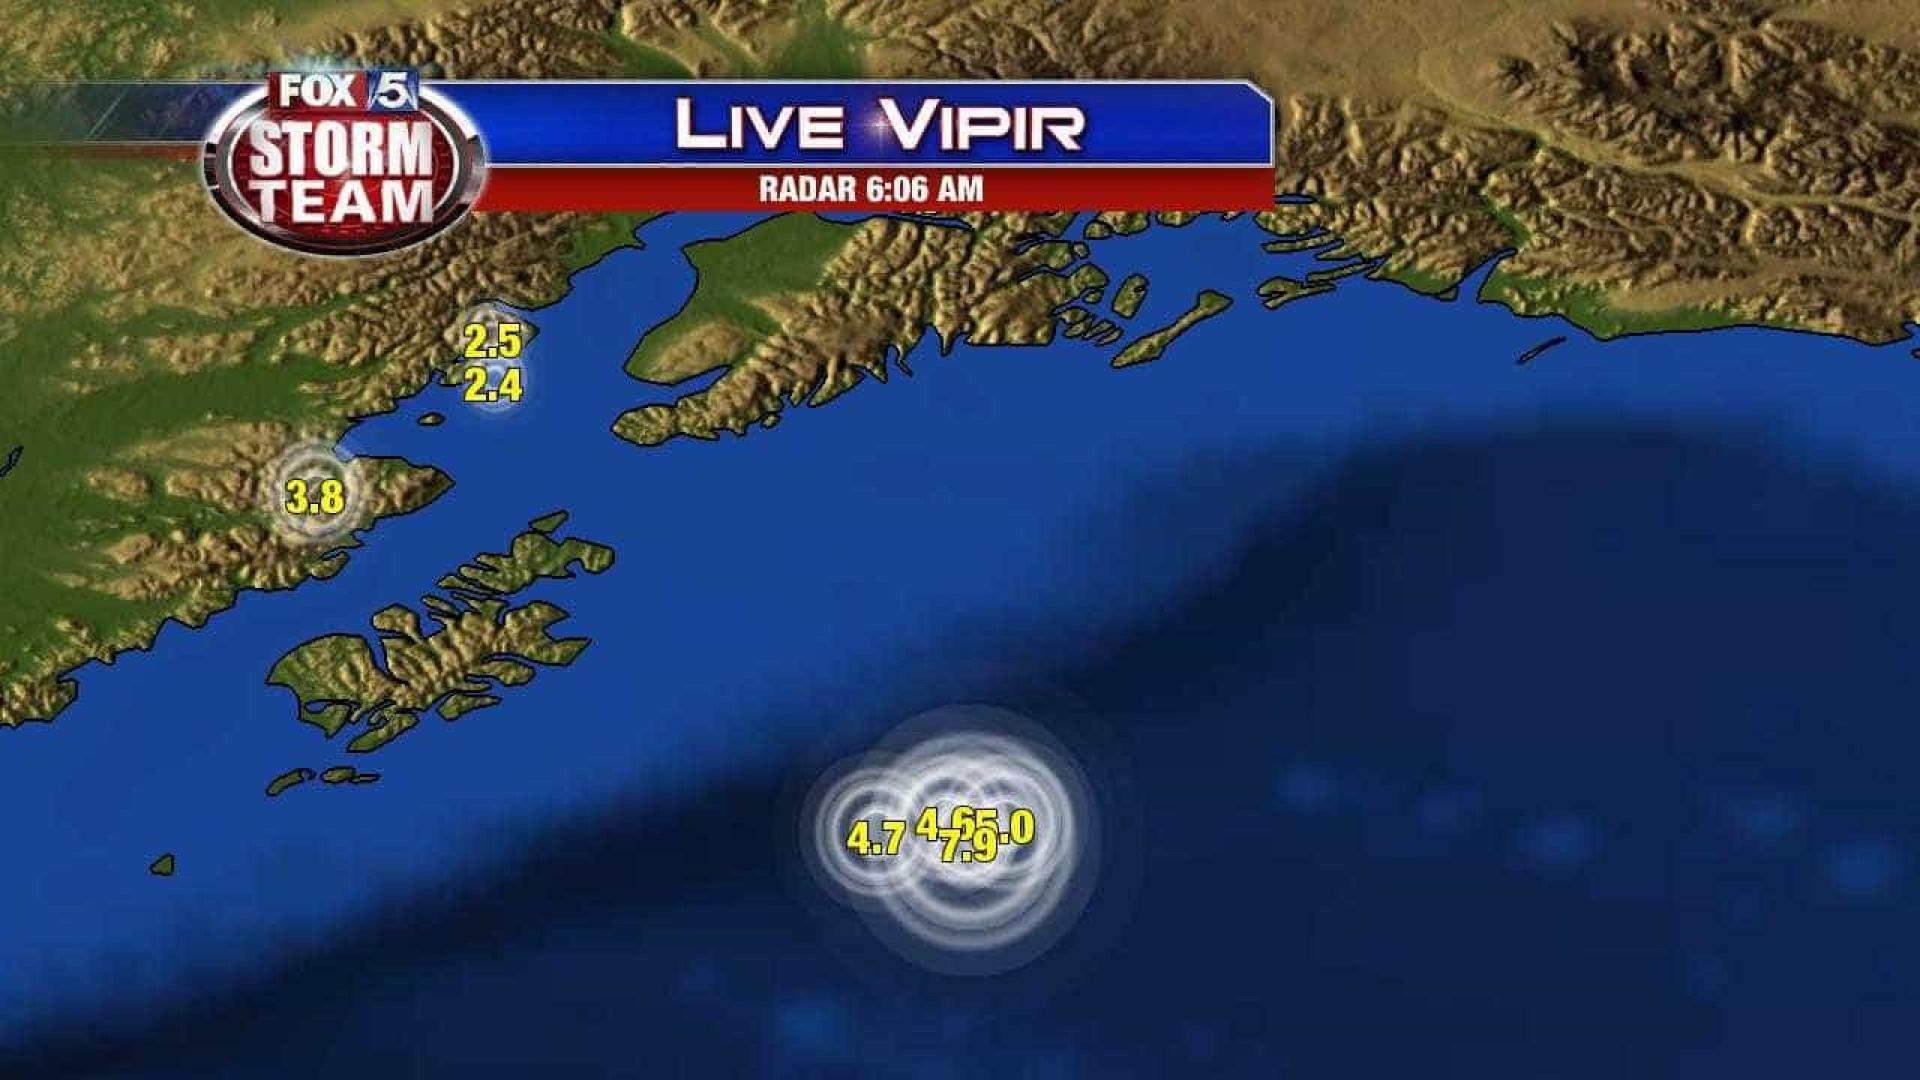 Alasca: Sismo de magnitude 8 foi seguido de quatro réplicas entre 4.6 e 5